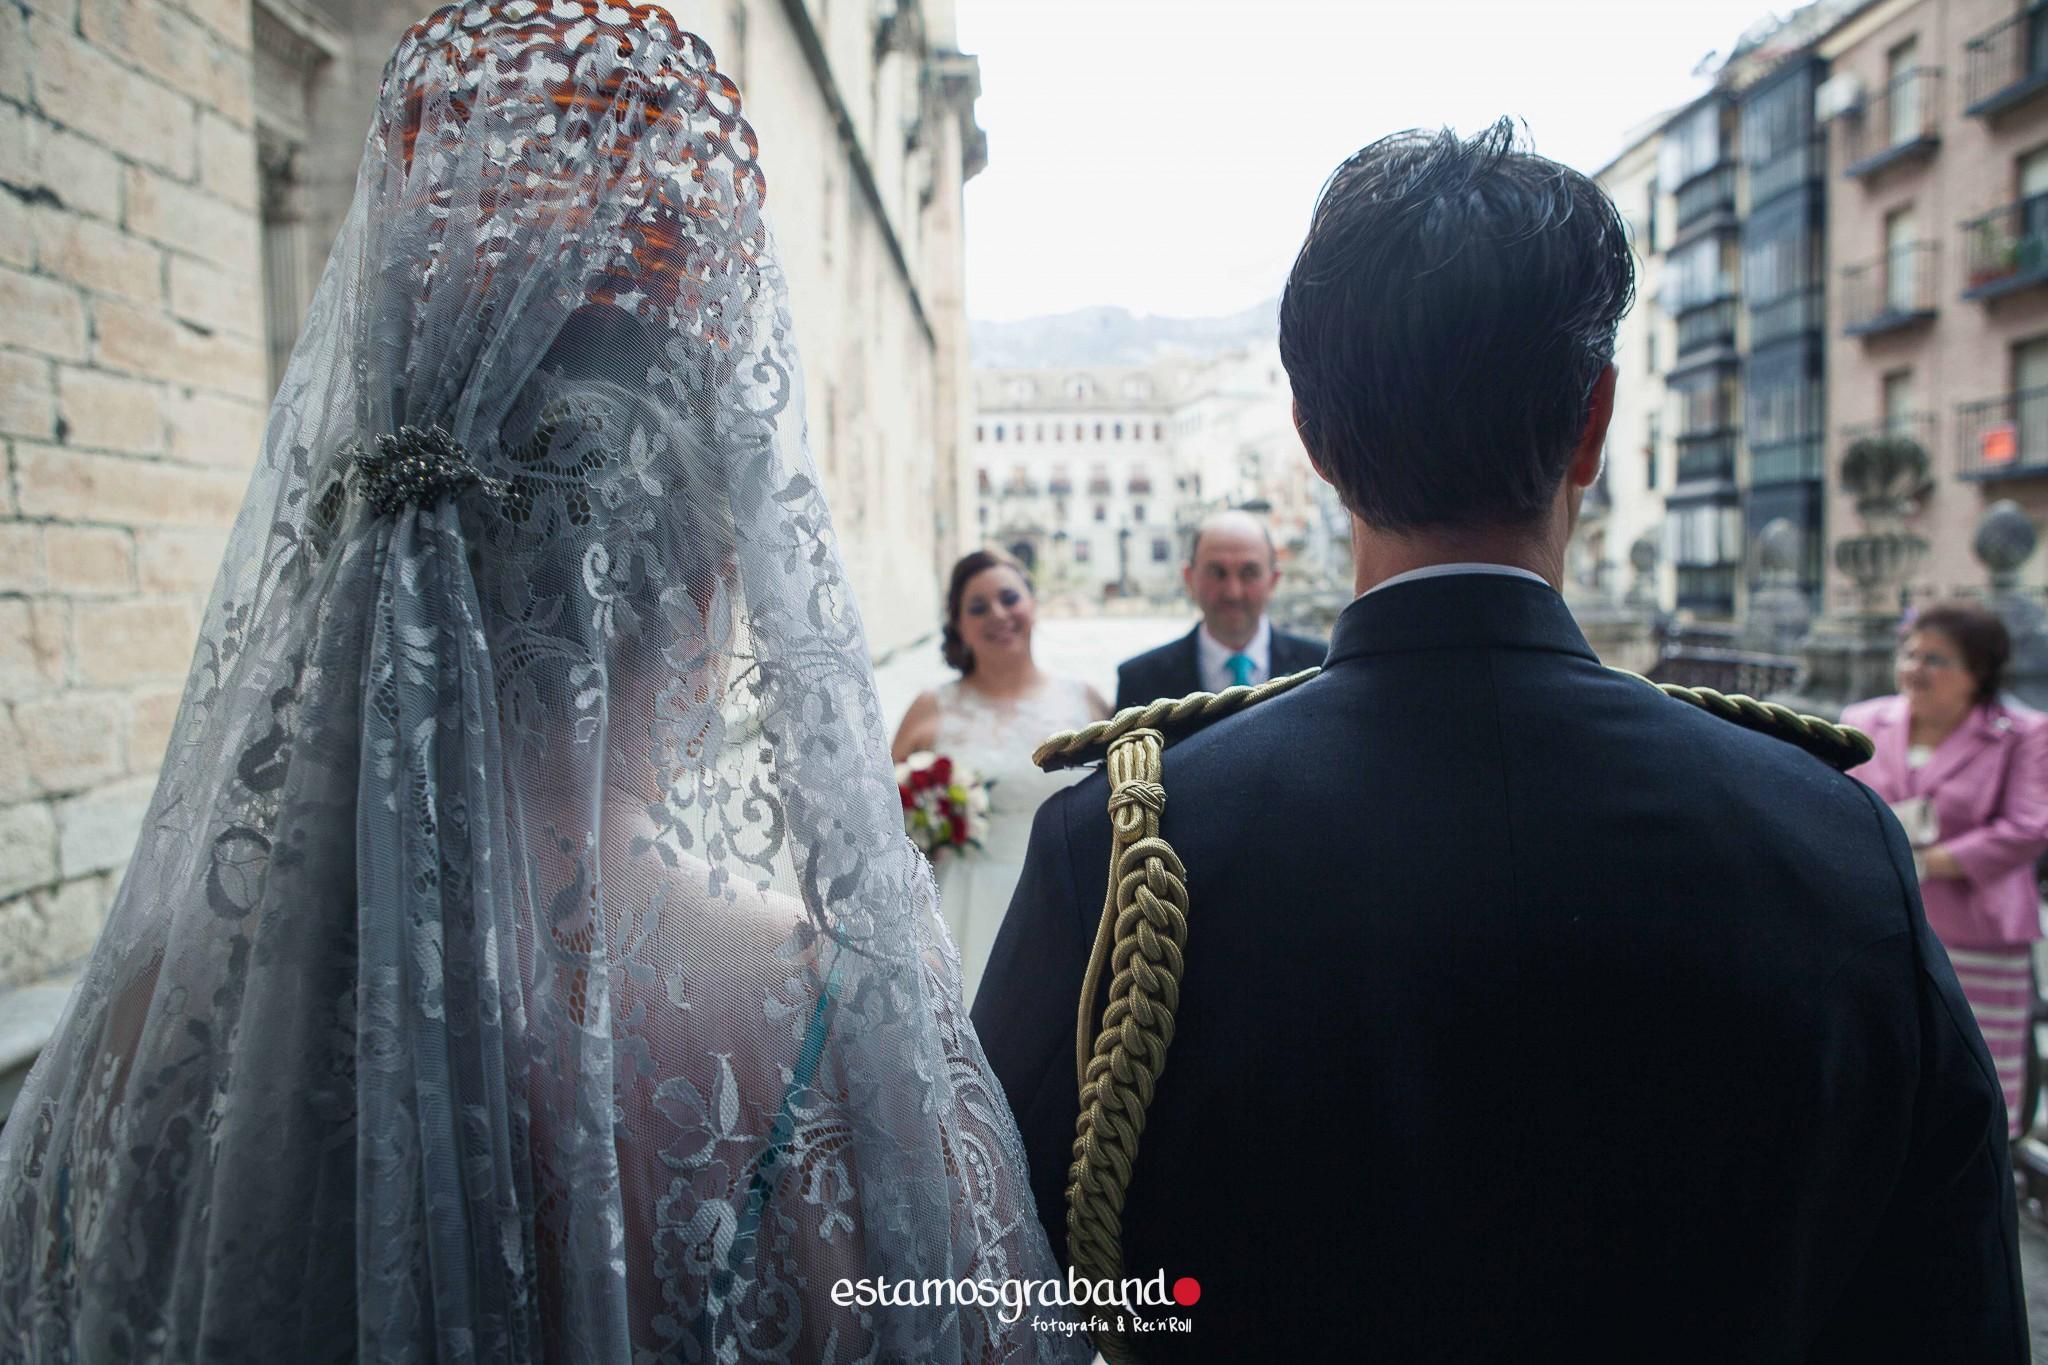 amparo-agustin_fotografia-boda_boda-jaen_jaen-fotografia-bodas_reportaje-boda_reportaje-boda-jaen_fotos-boda_fotos-jaen-221 ¡Alto ahi! [Boda Amparo & Agustín_Fotografía de bodas en Jaén] - video boda cadiz